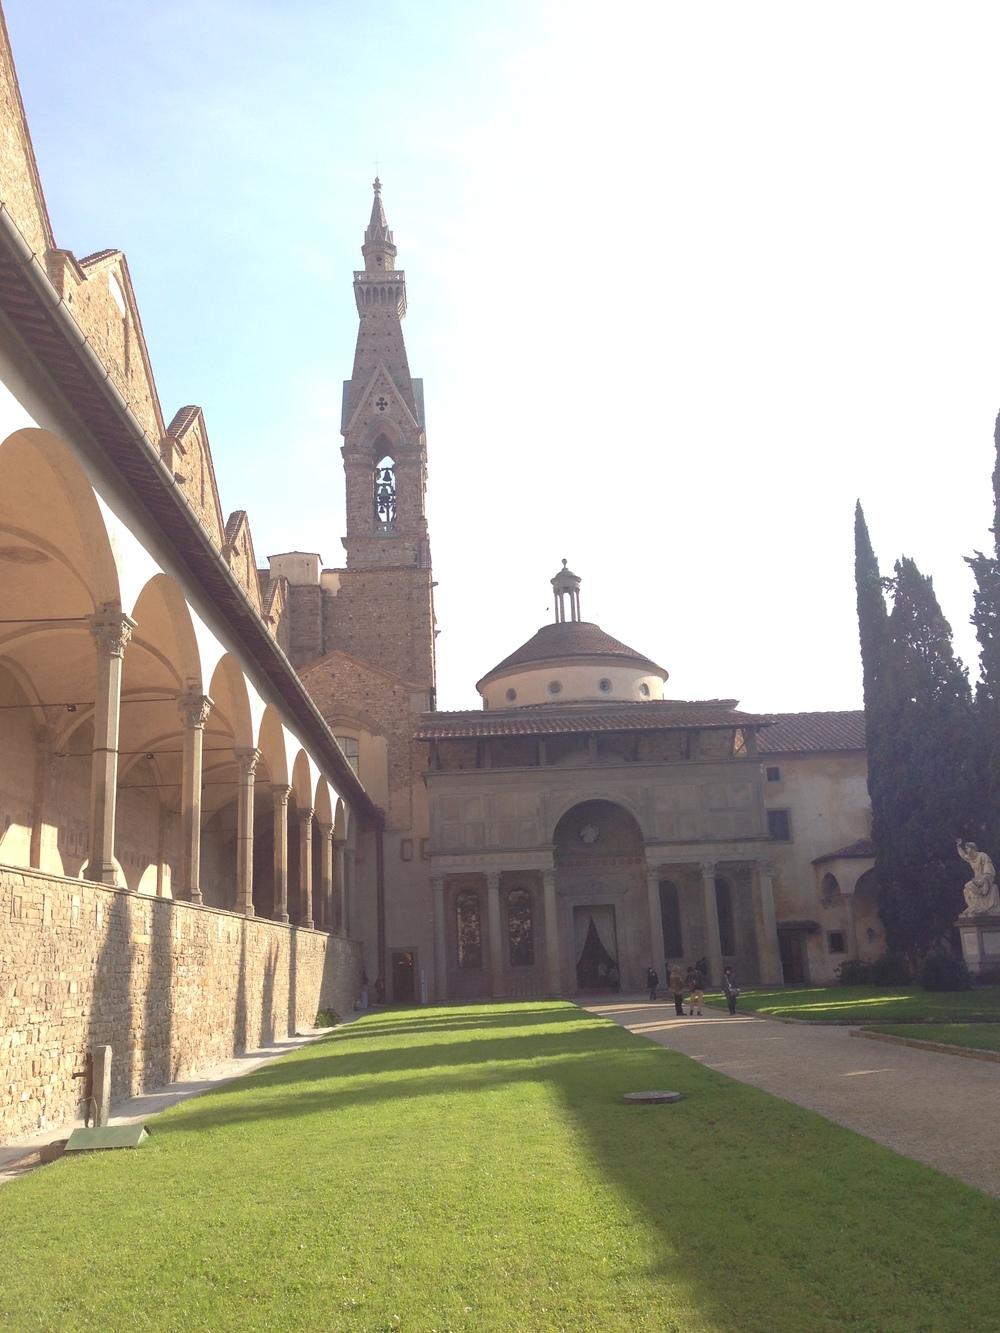 the courtyard at Santa Croce